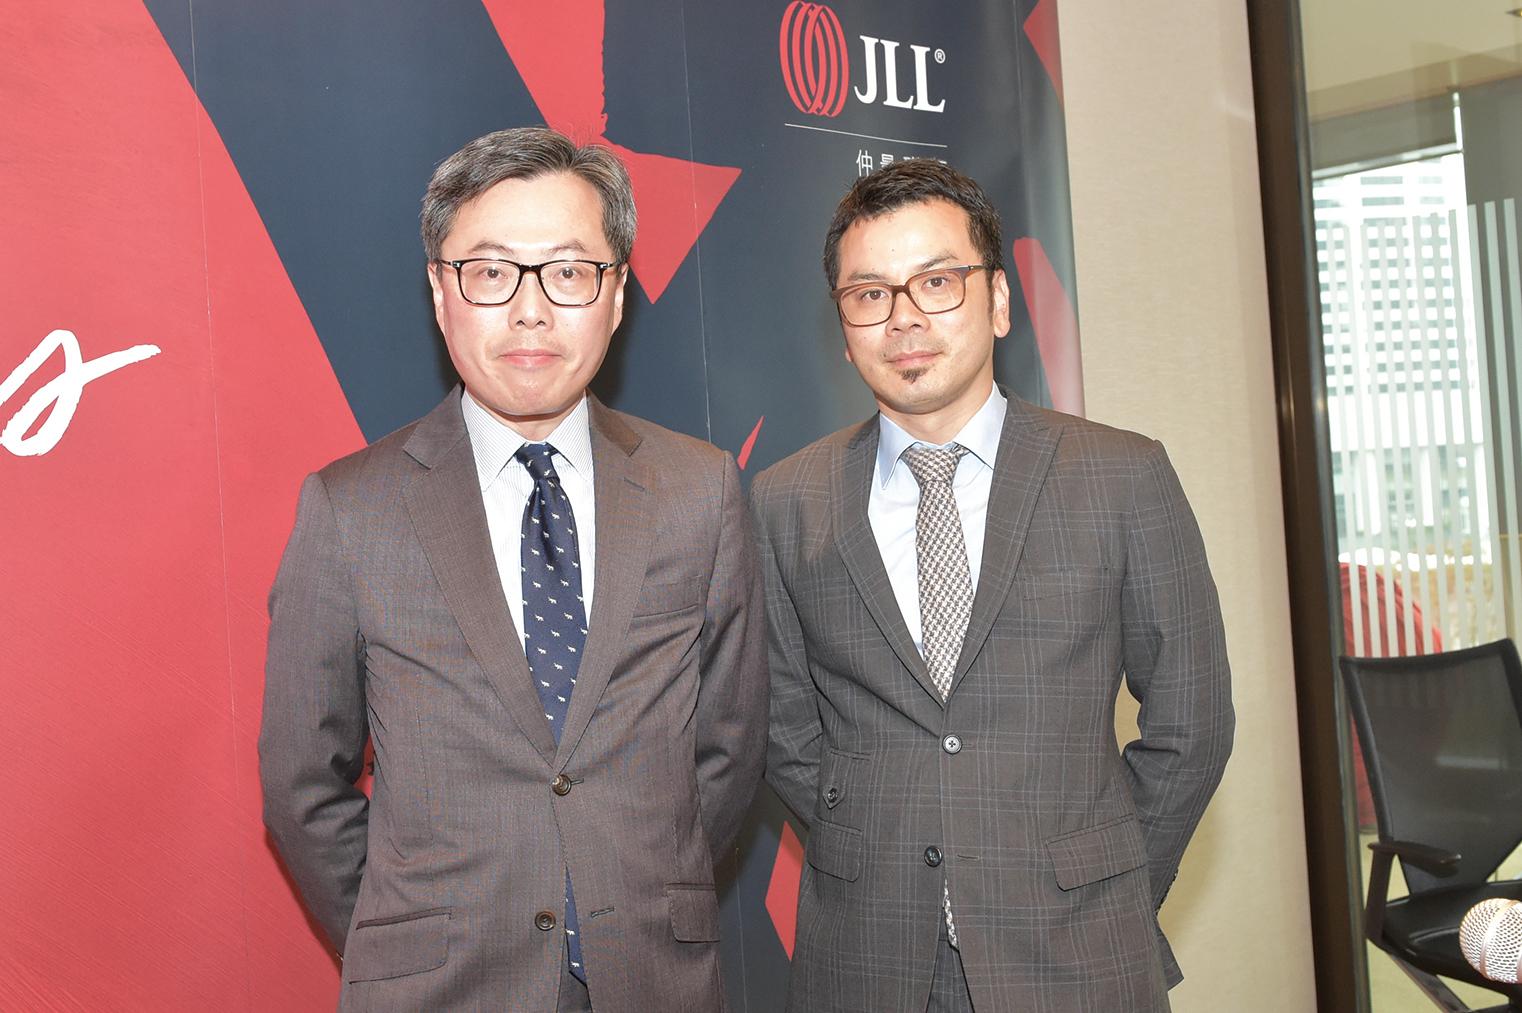 仲量聯行董事總經理曾煥平(左)昨在記者會上表示,本港長達10年的樓市上升周期已告完結。他直言:「樓市明顯進入下行軌道,已無懸念」。(郭威利/大紀元)